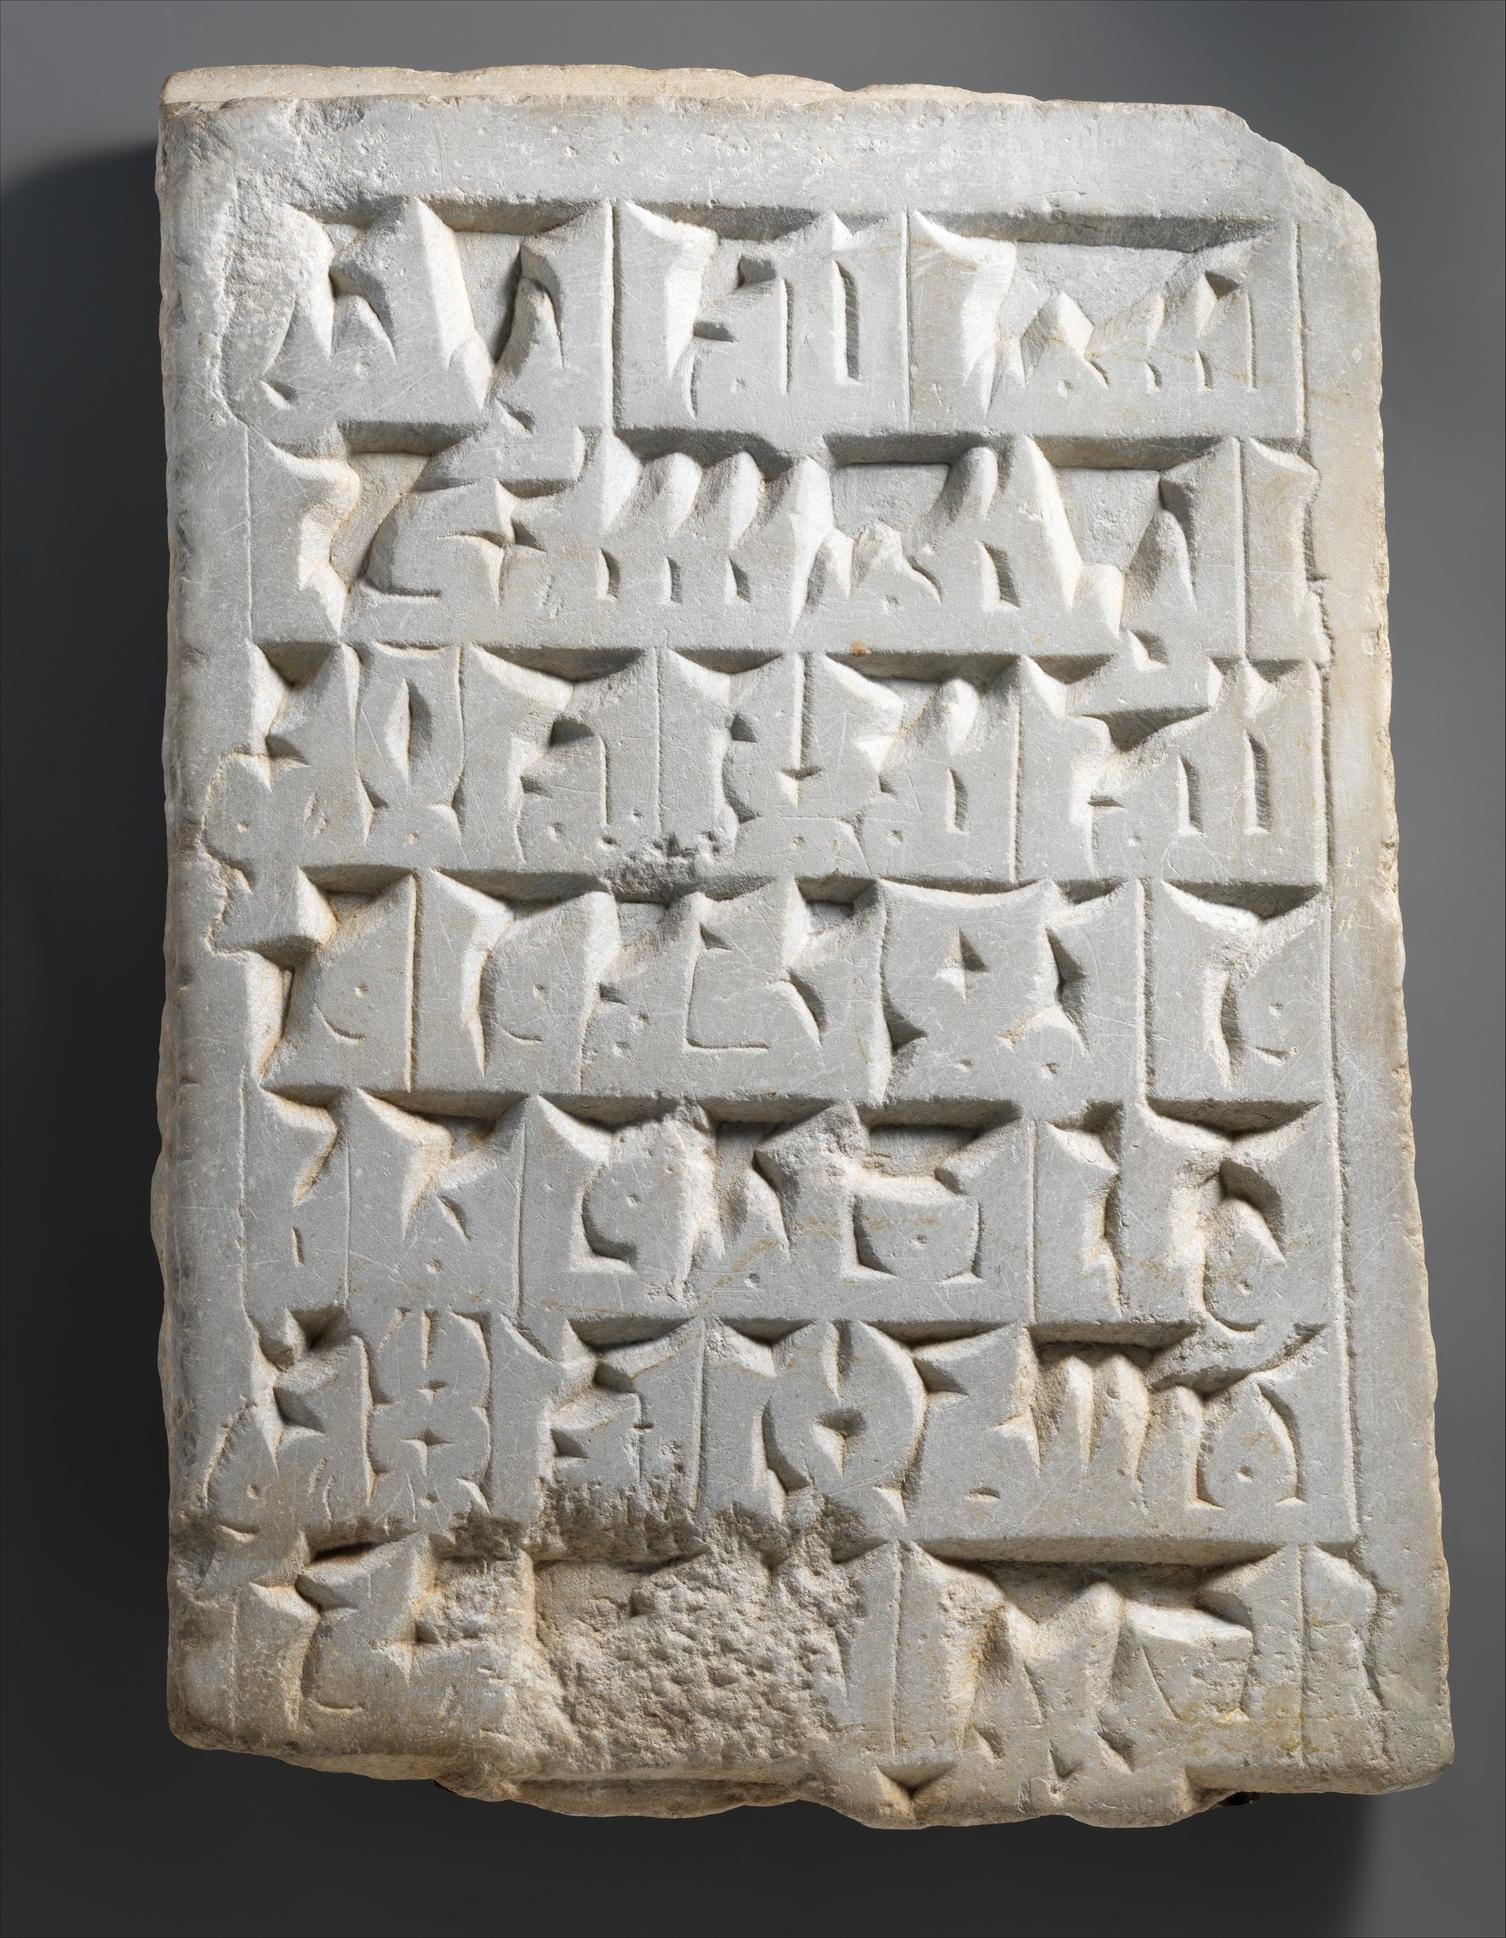 نقش يعود للعهد الفاطمي